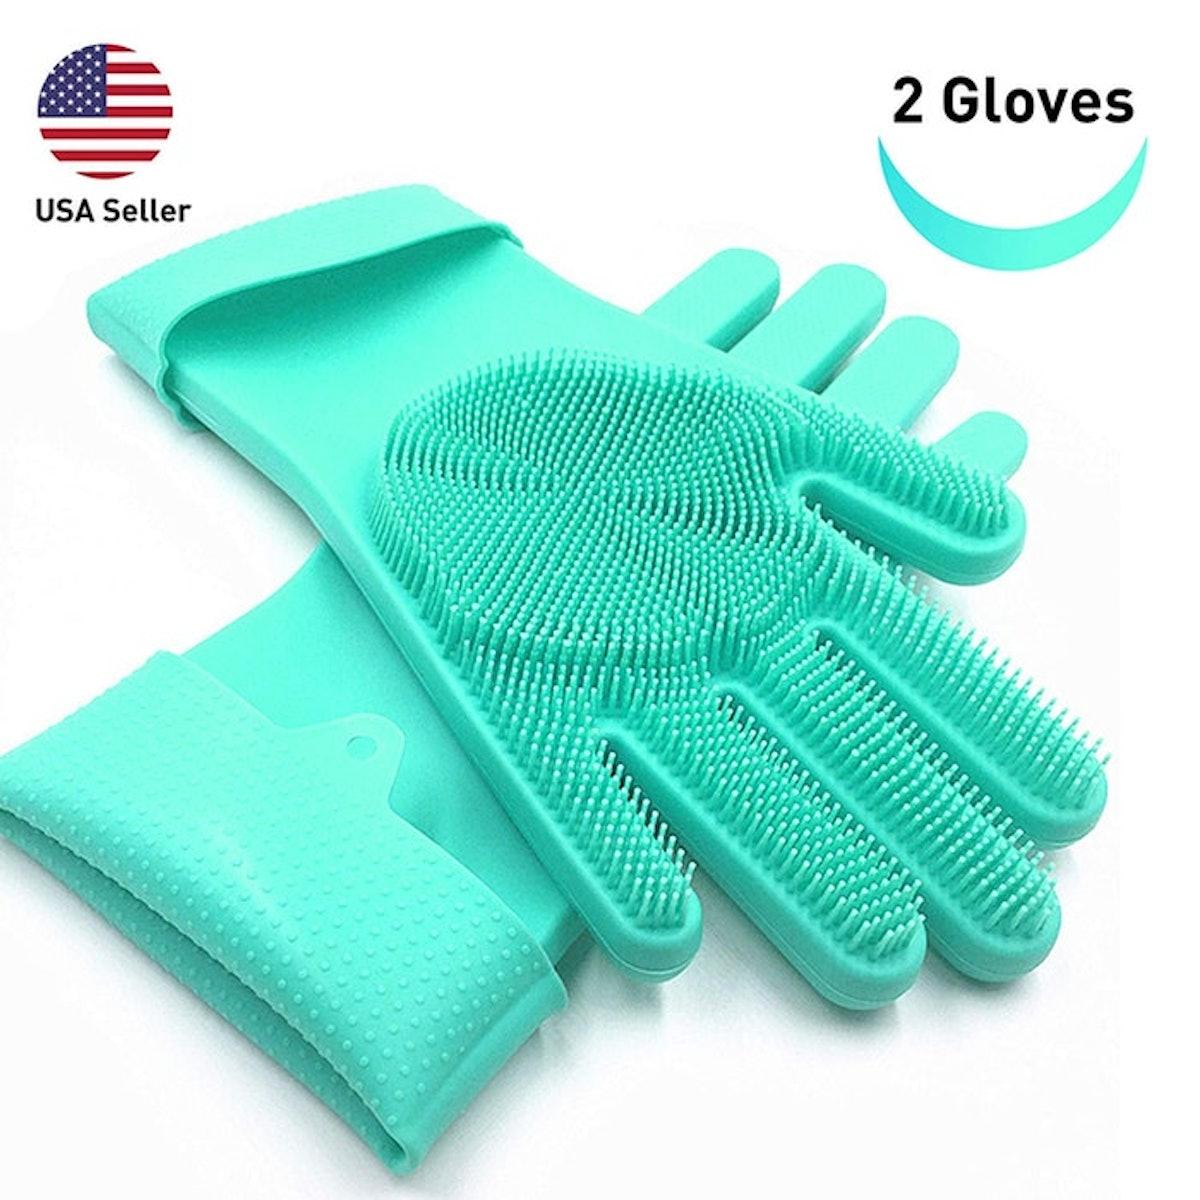 SolidScrub Magic Silicone Gloves